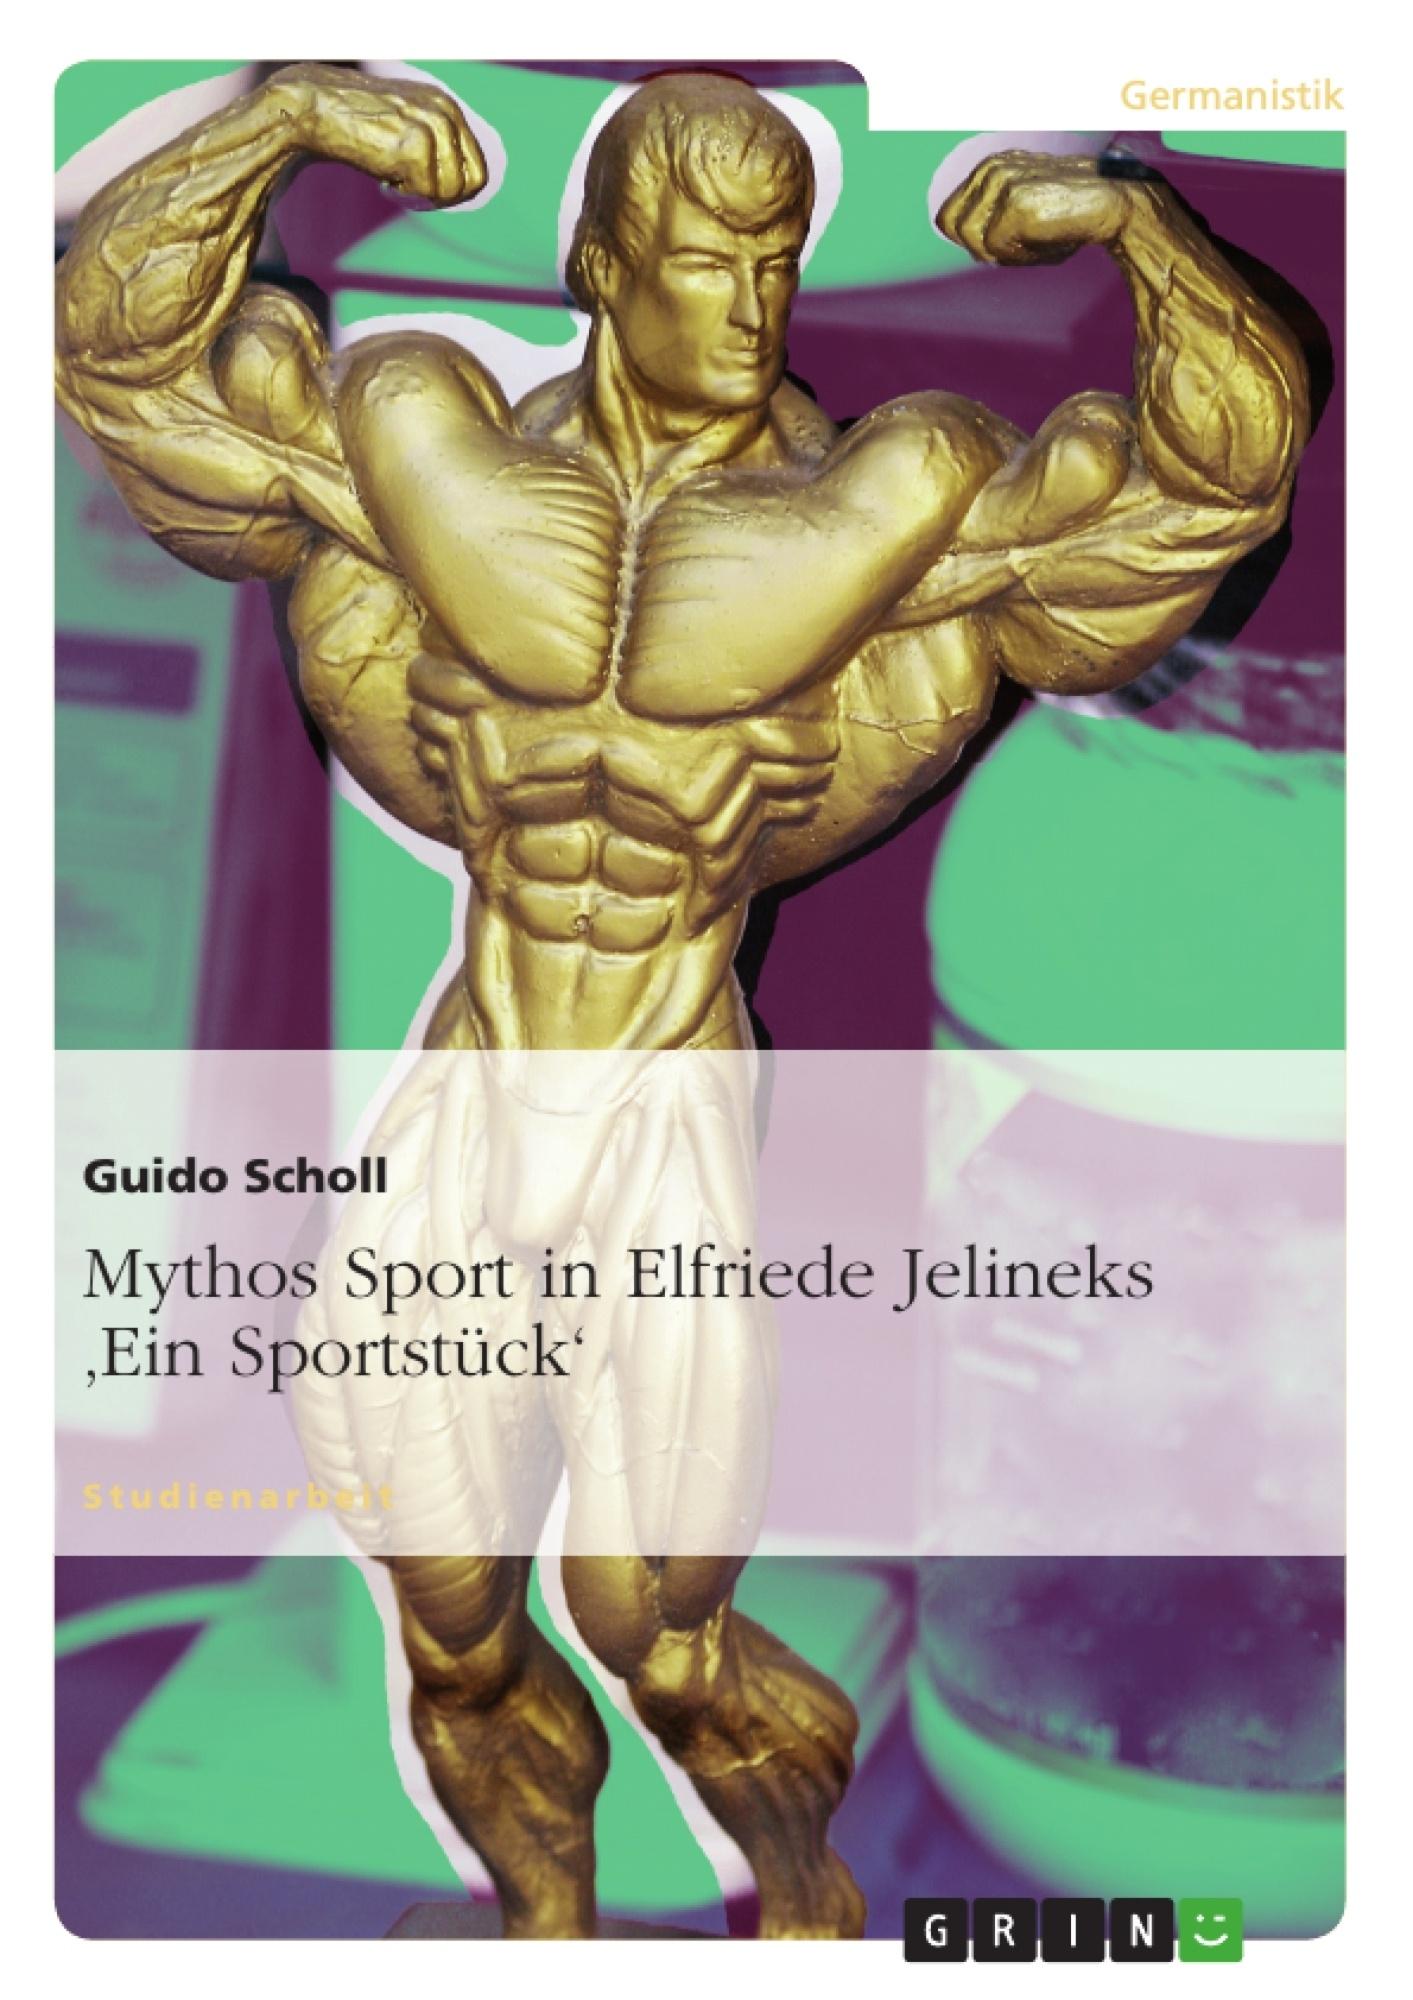 Titel: Mythos Sport in Elfriede Jelineks 'Ein Sportstück'